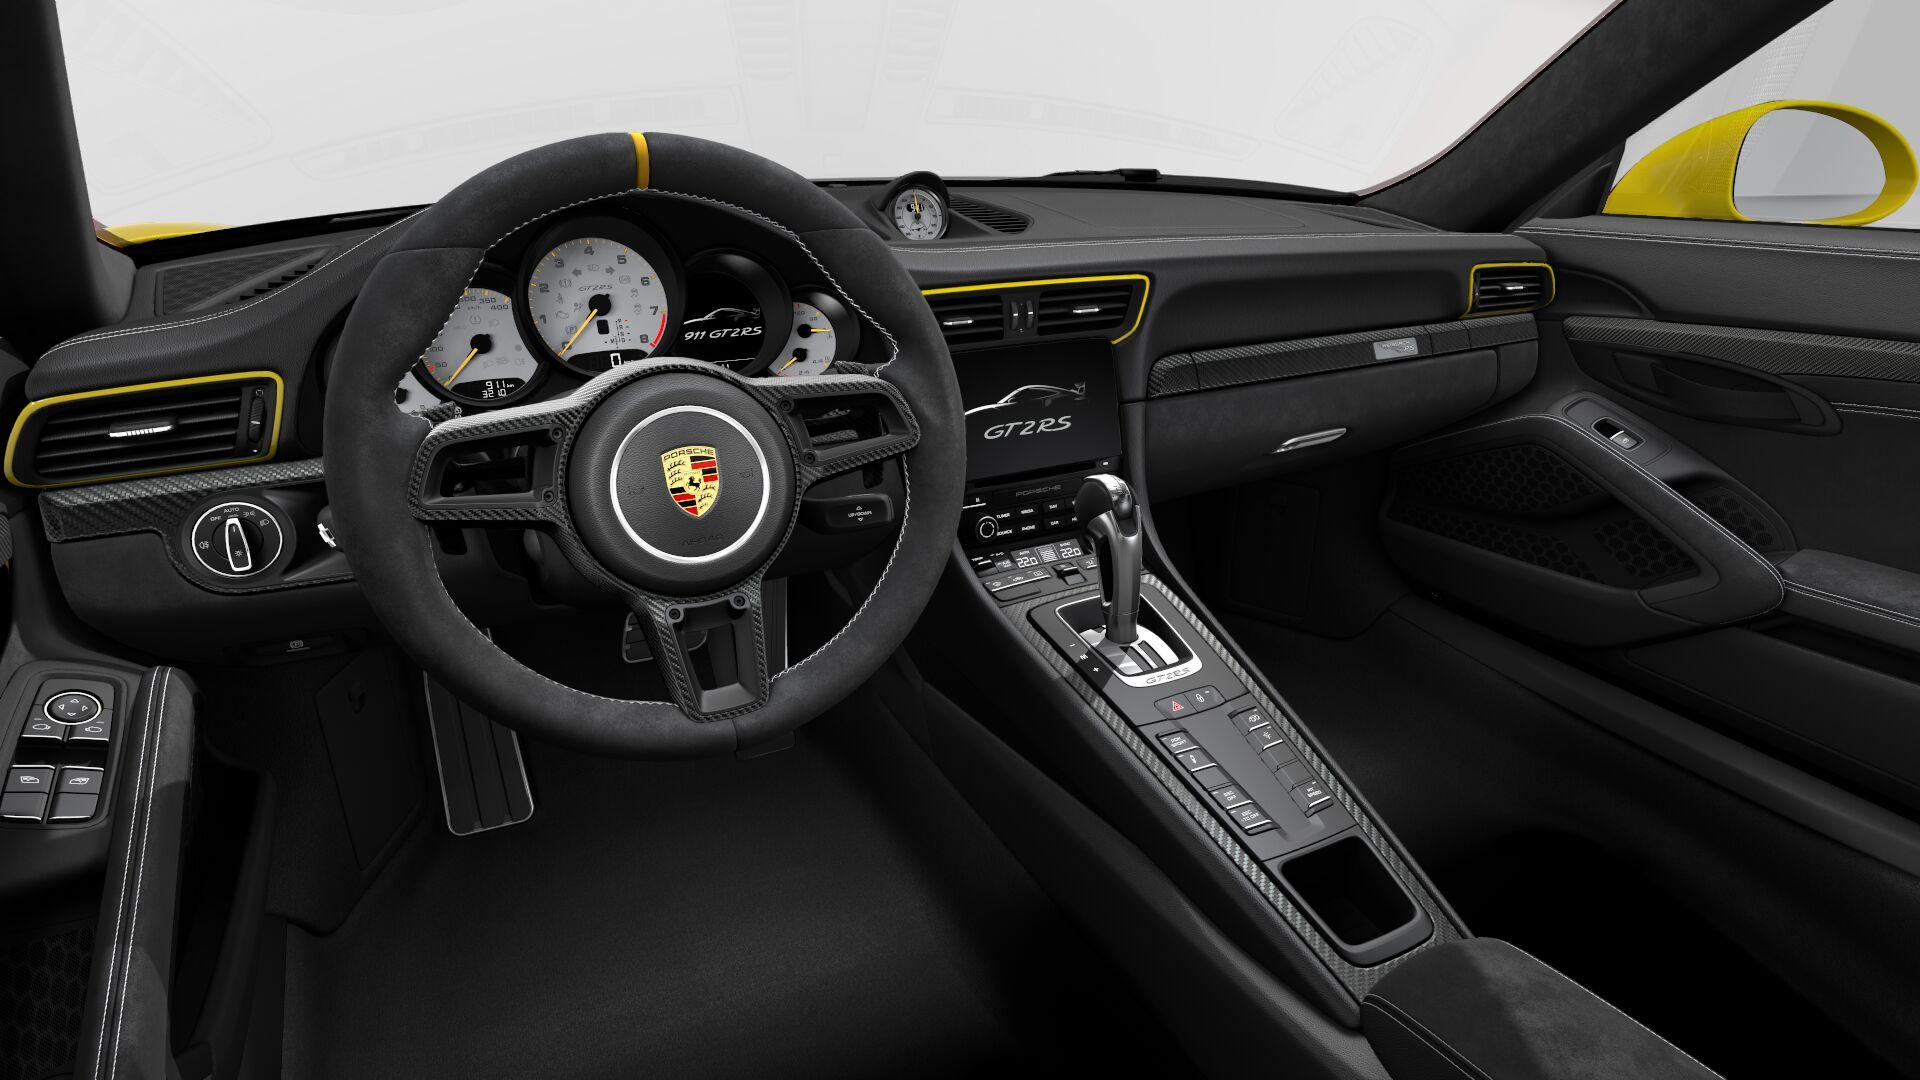 Racing-Yellow-Porsche-911-GT2-RS-5 Wonderful Porsche 911 Gt2 Rs Review Cars Trend